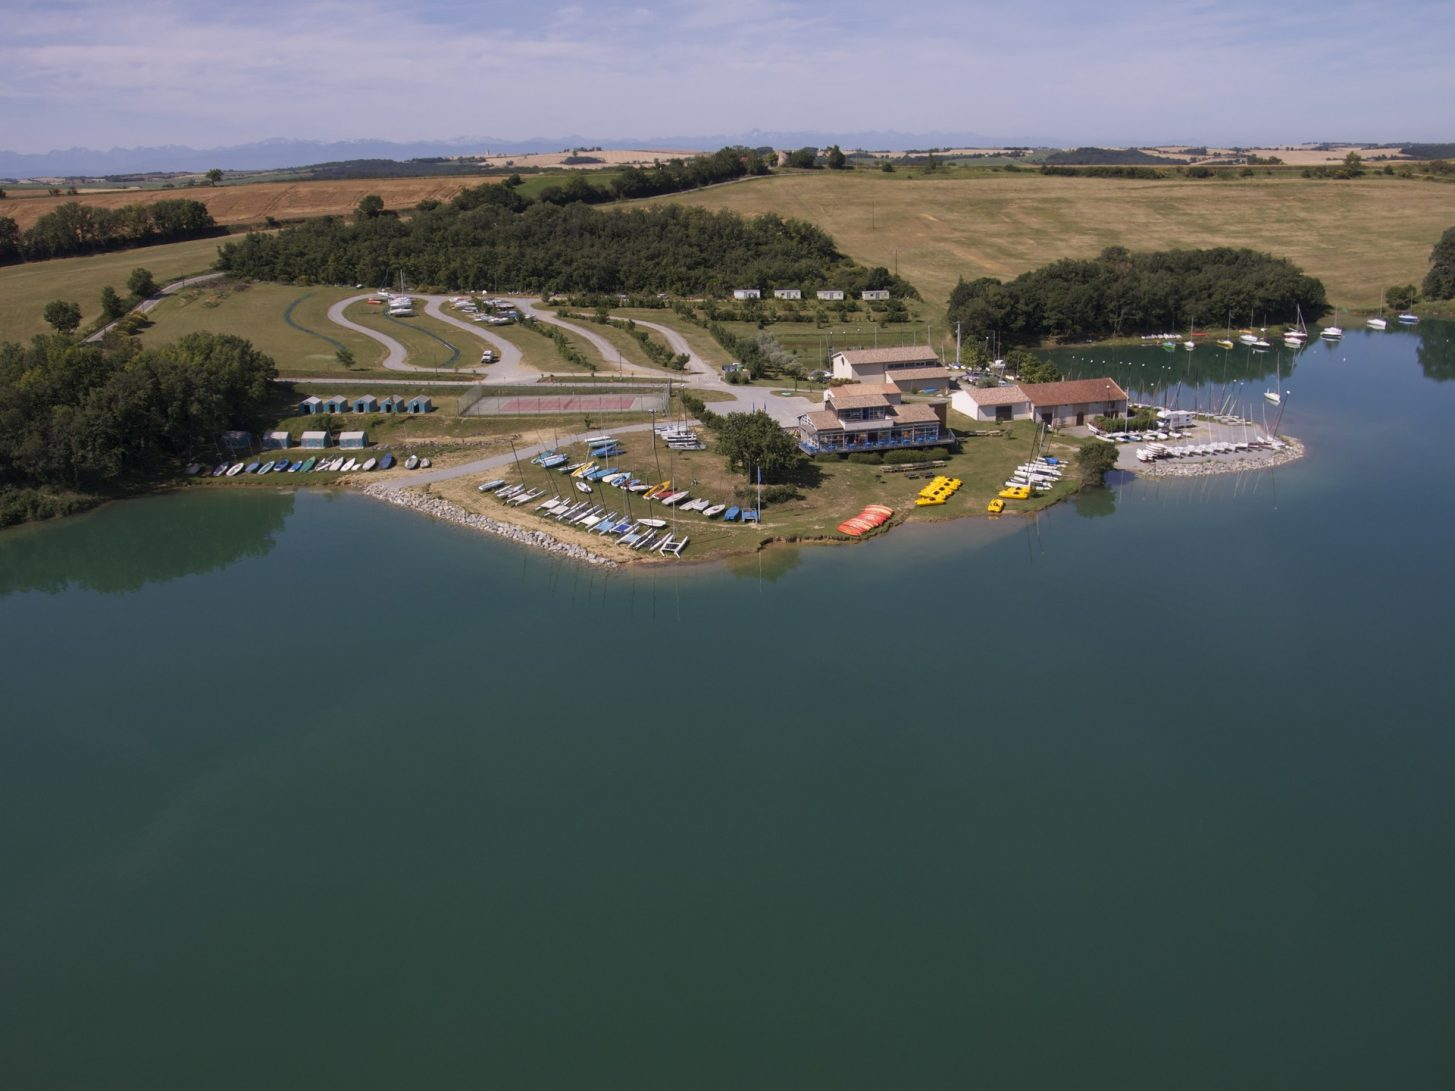 Le lac de la Ganguise, activité nautique ©Club de voile de Castelnaudary